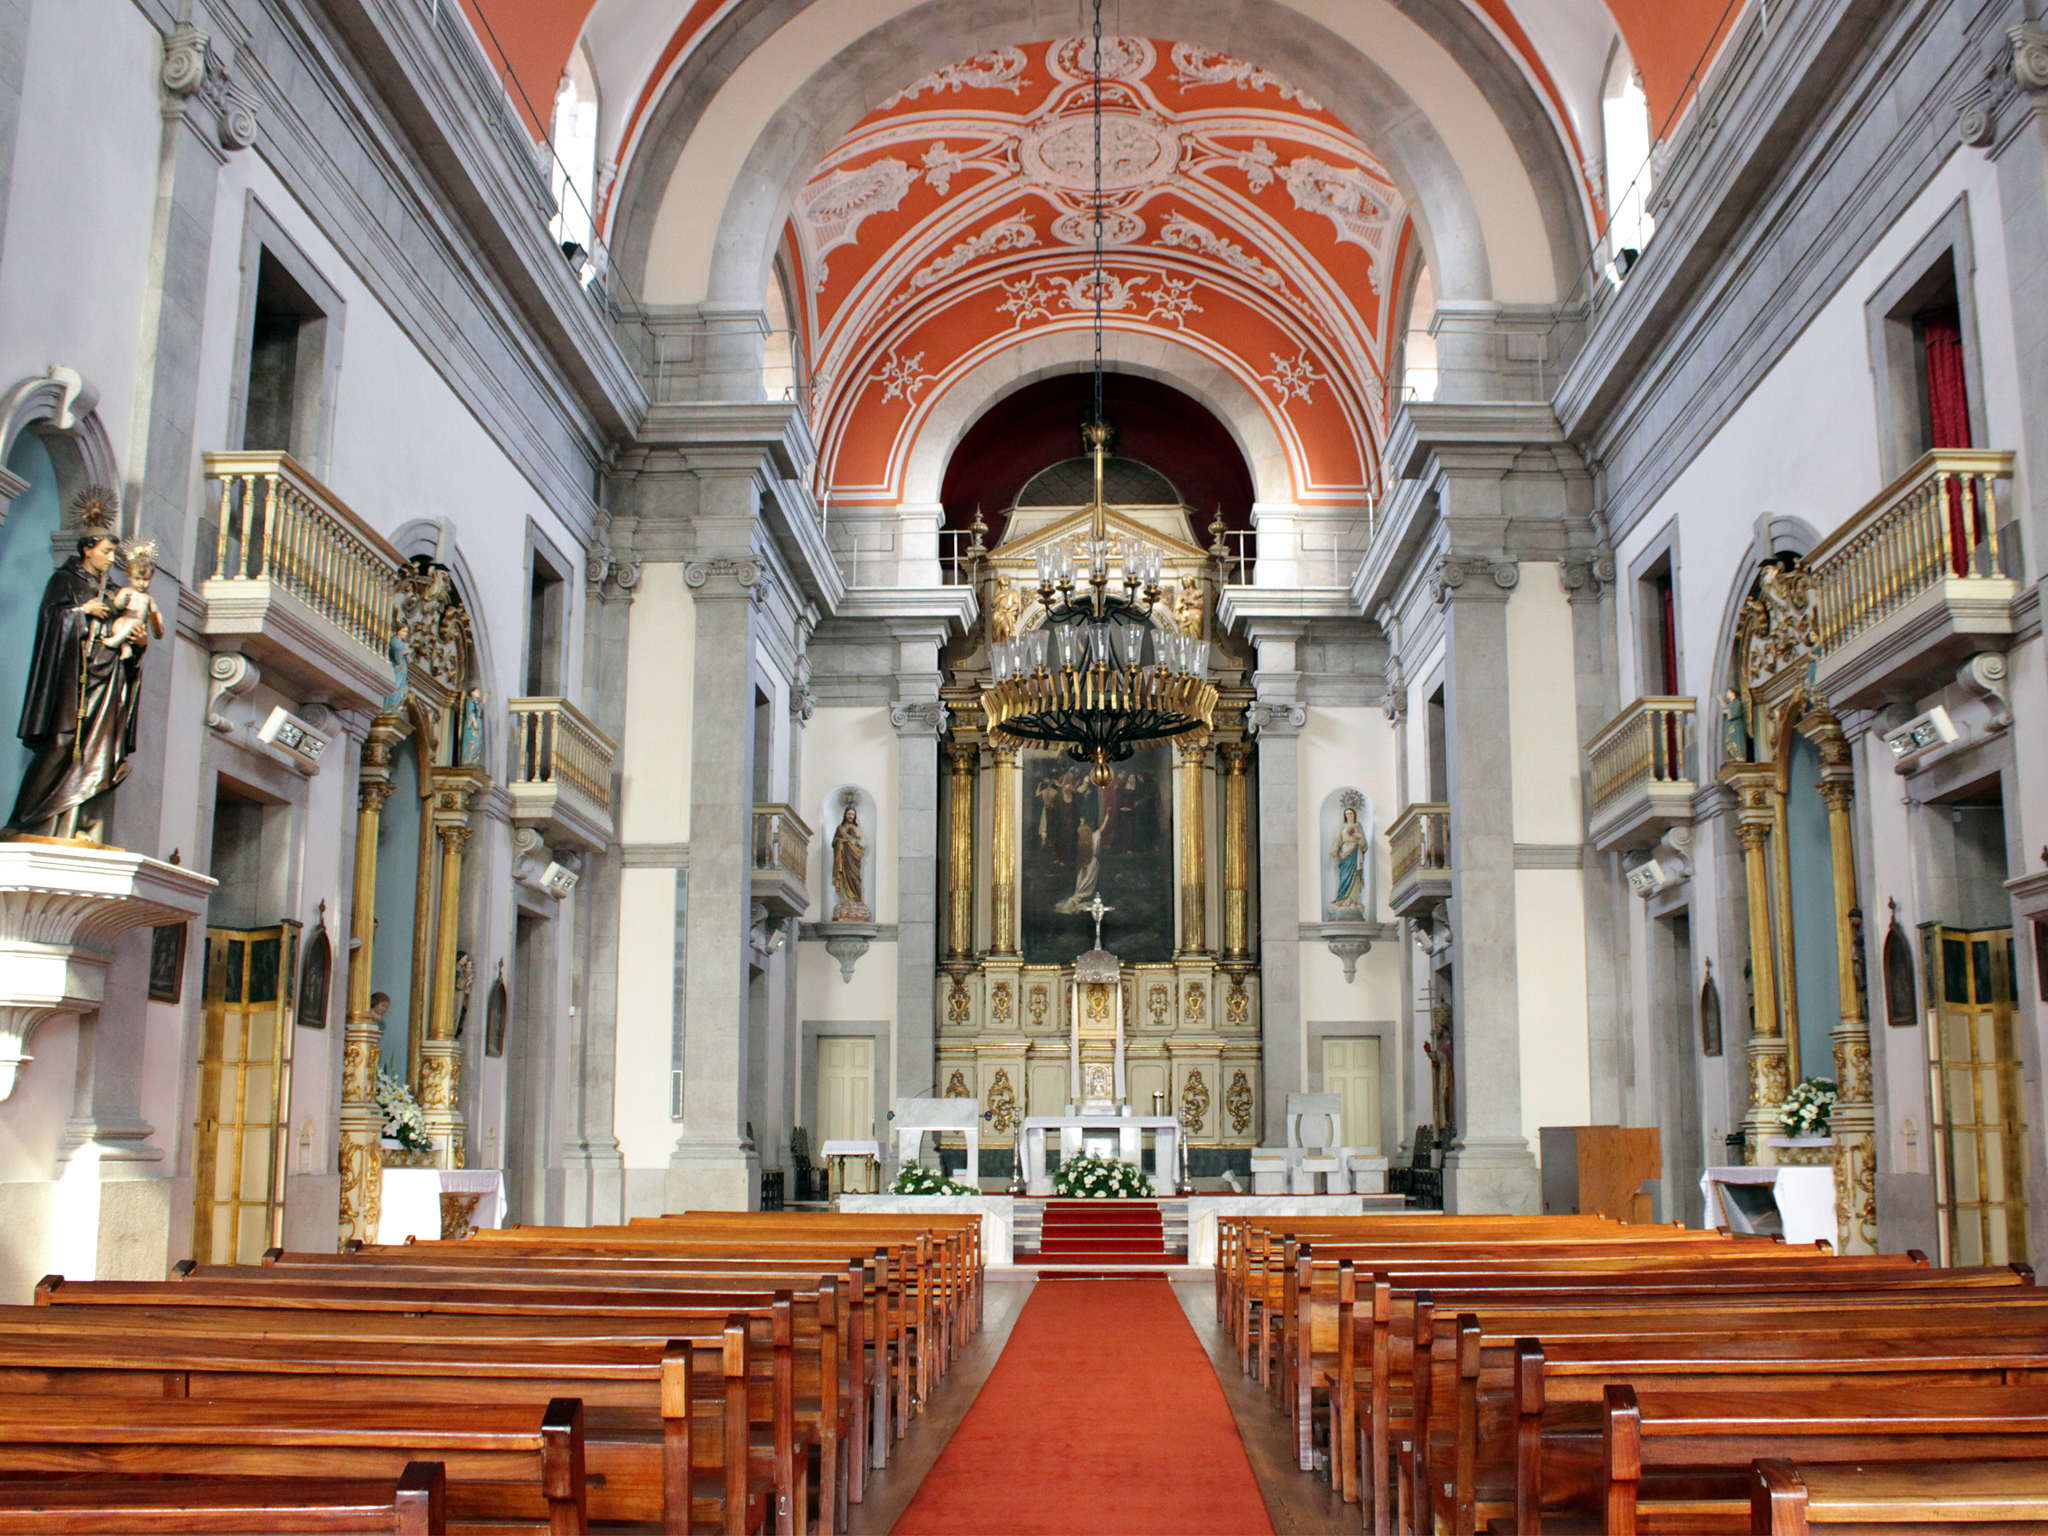 Conheça a Igreja Paroquial de Nosso Senhor do Bonfim